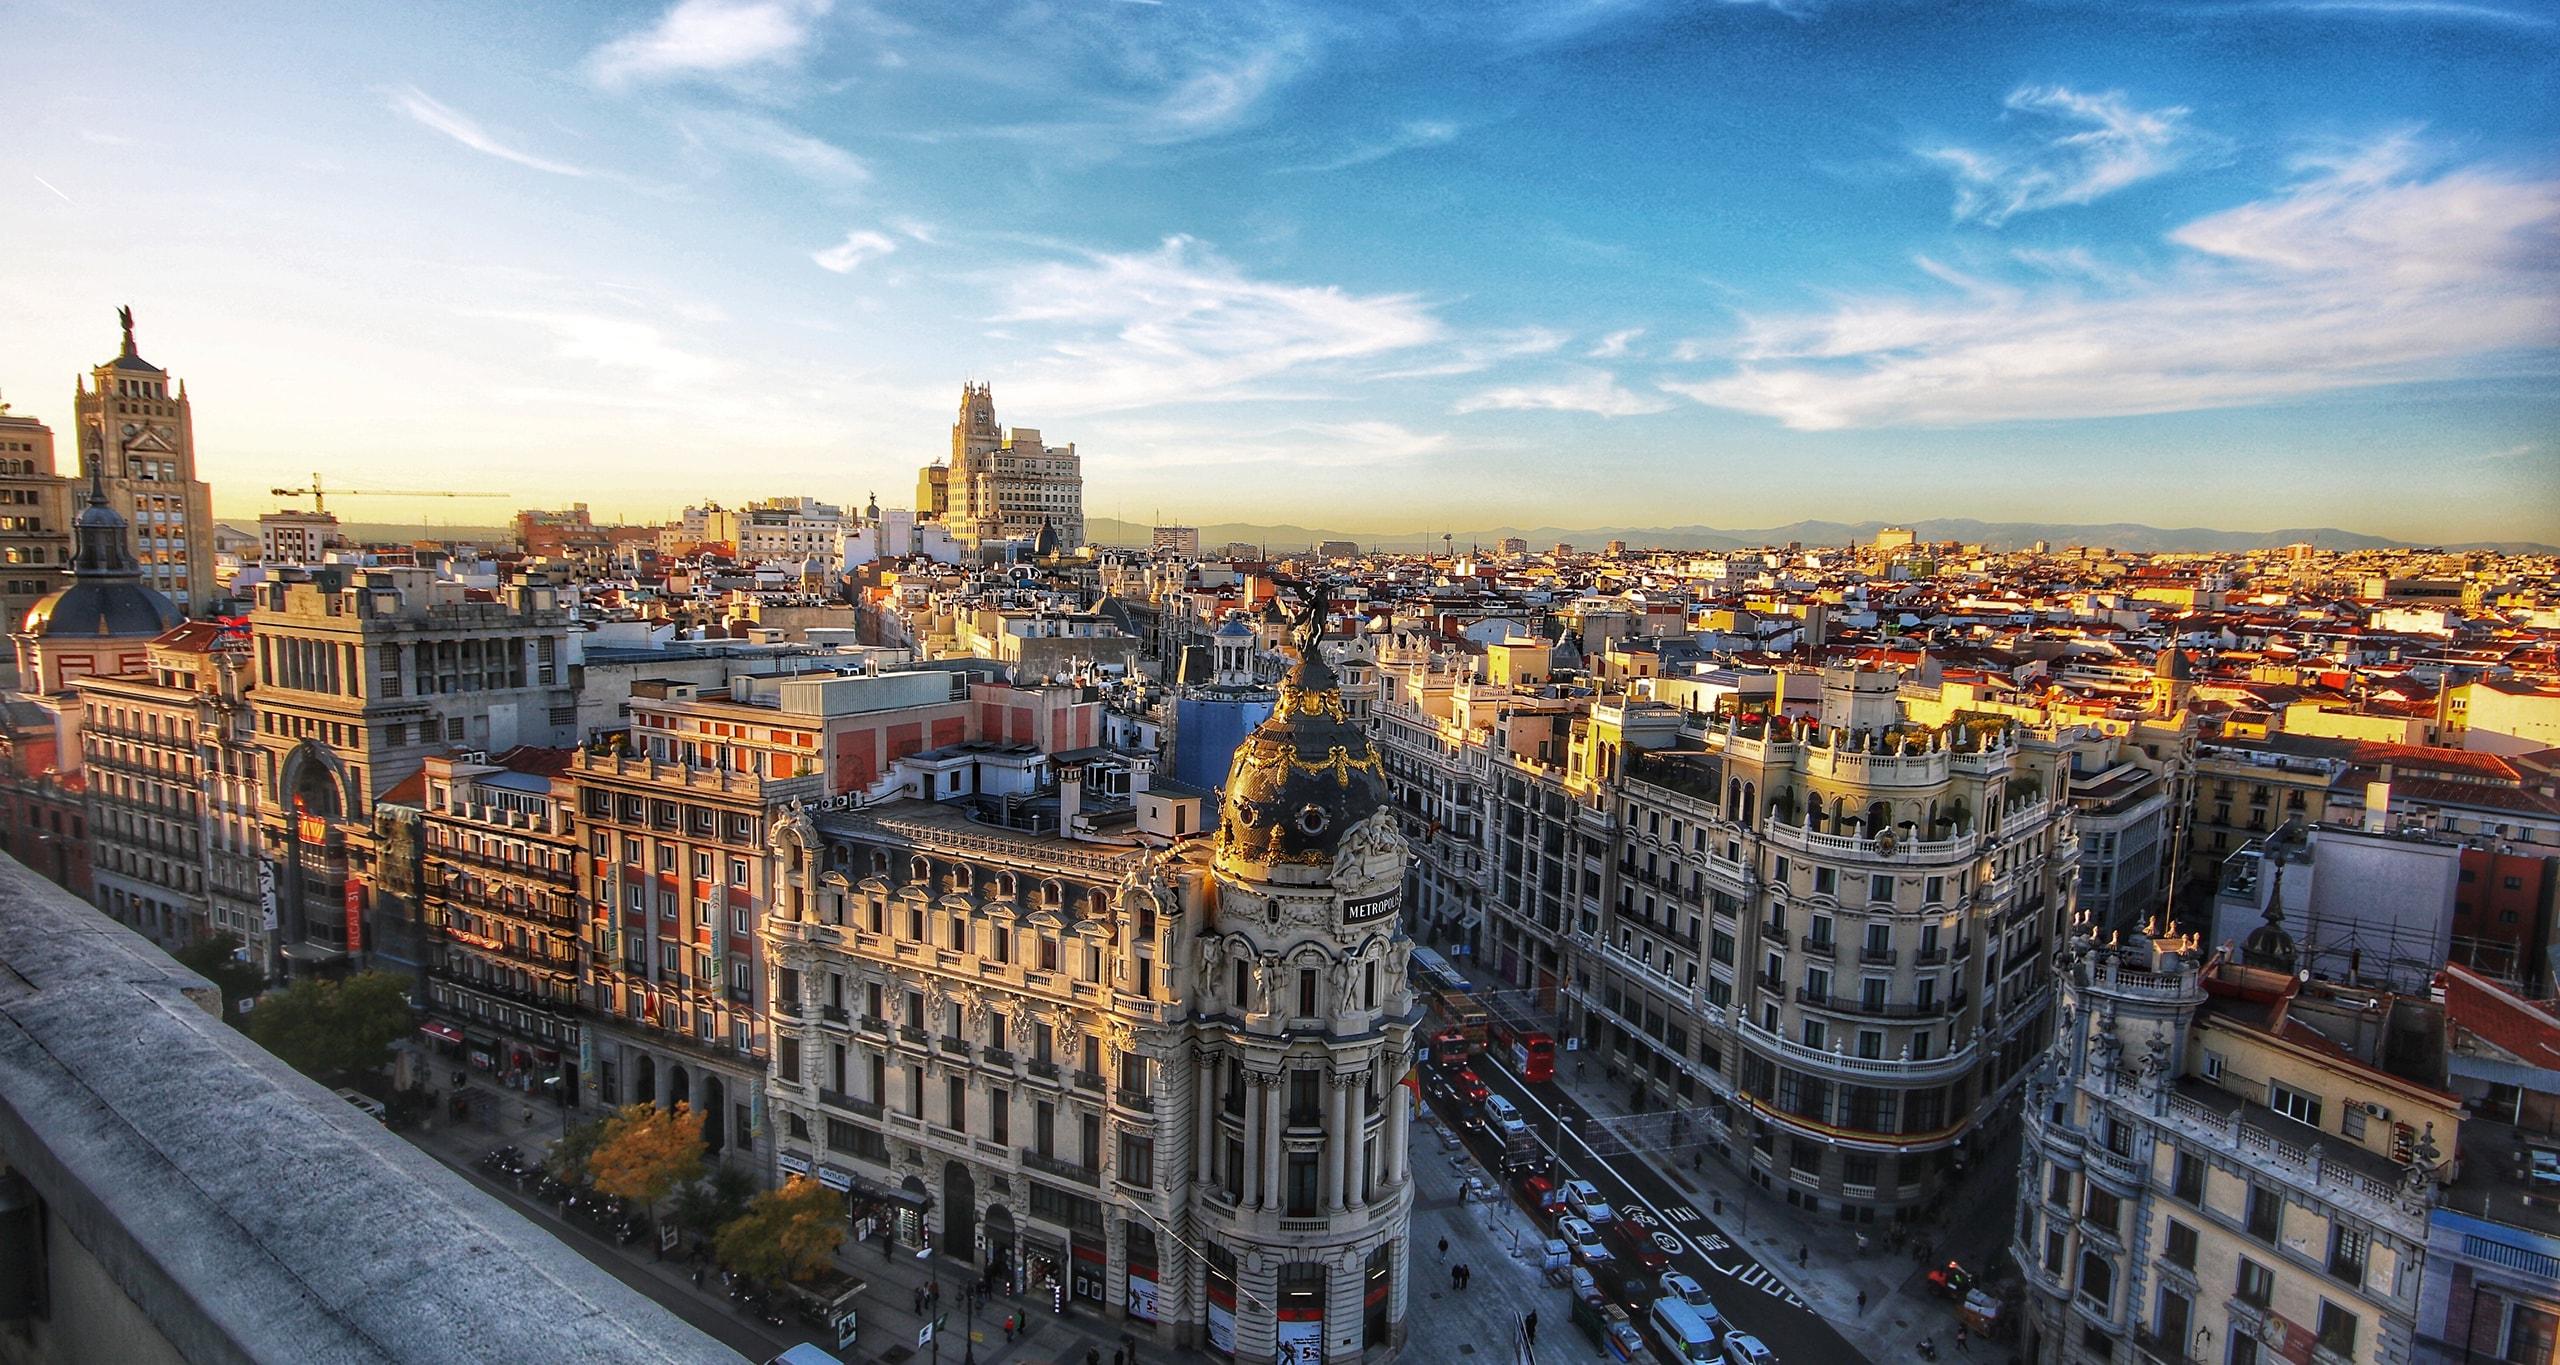 SILICIUS amplía capital por 22 millones de euros y adquiere el 29% de una sociedad patrimonial con inmuebles en rentabilidad en Europa